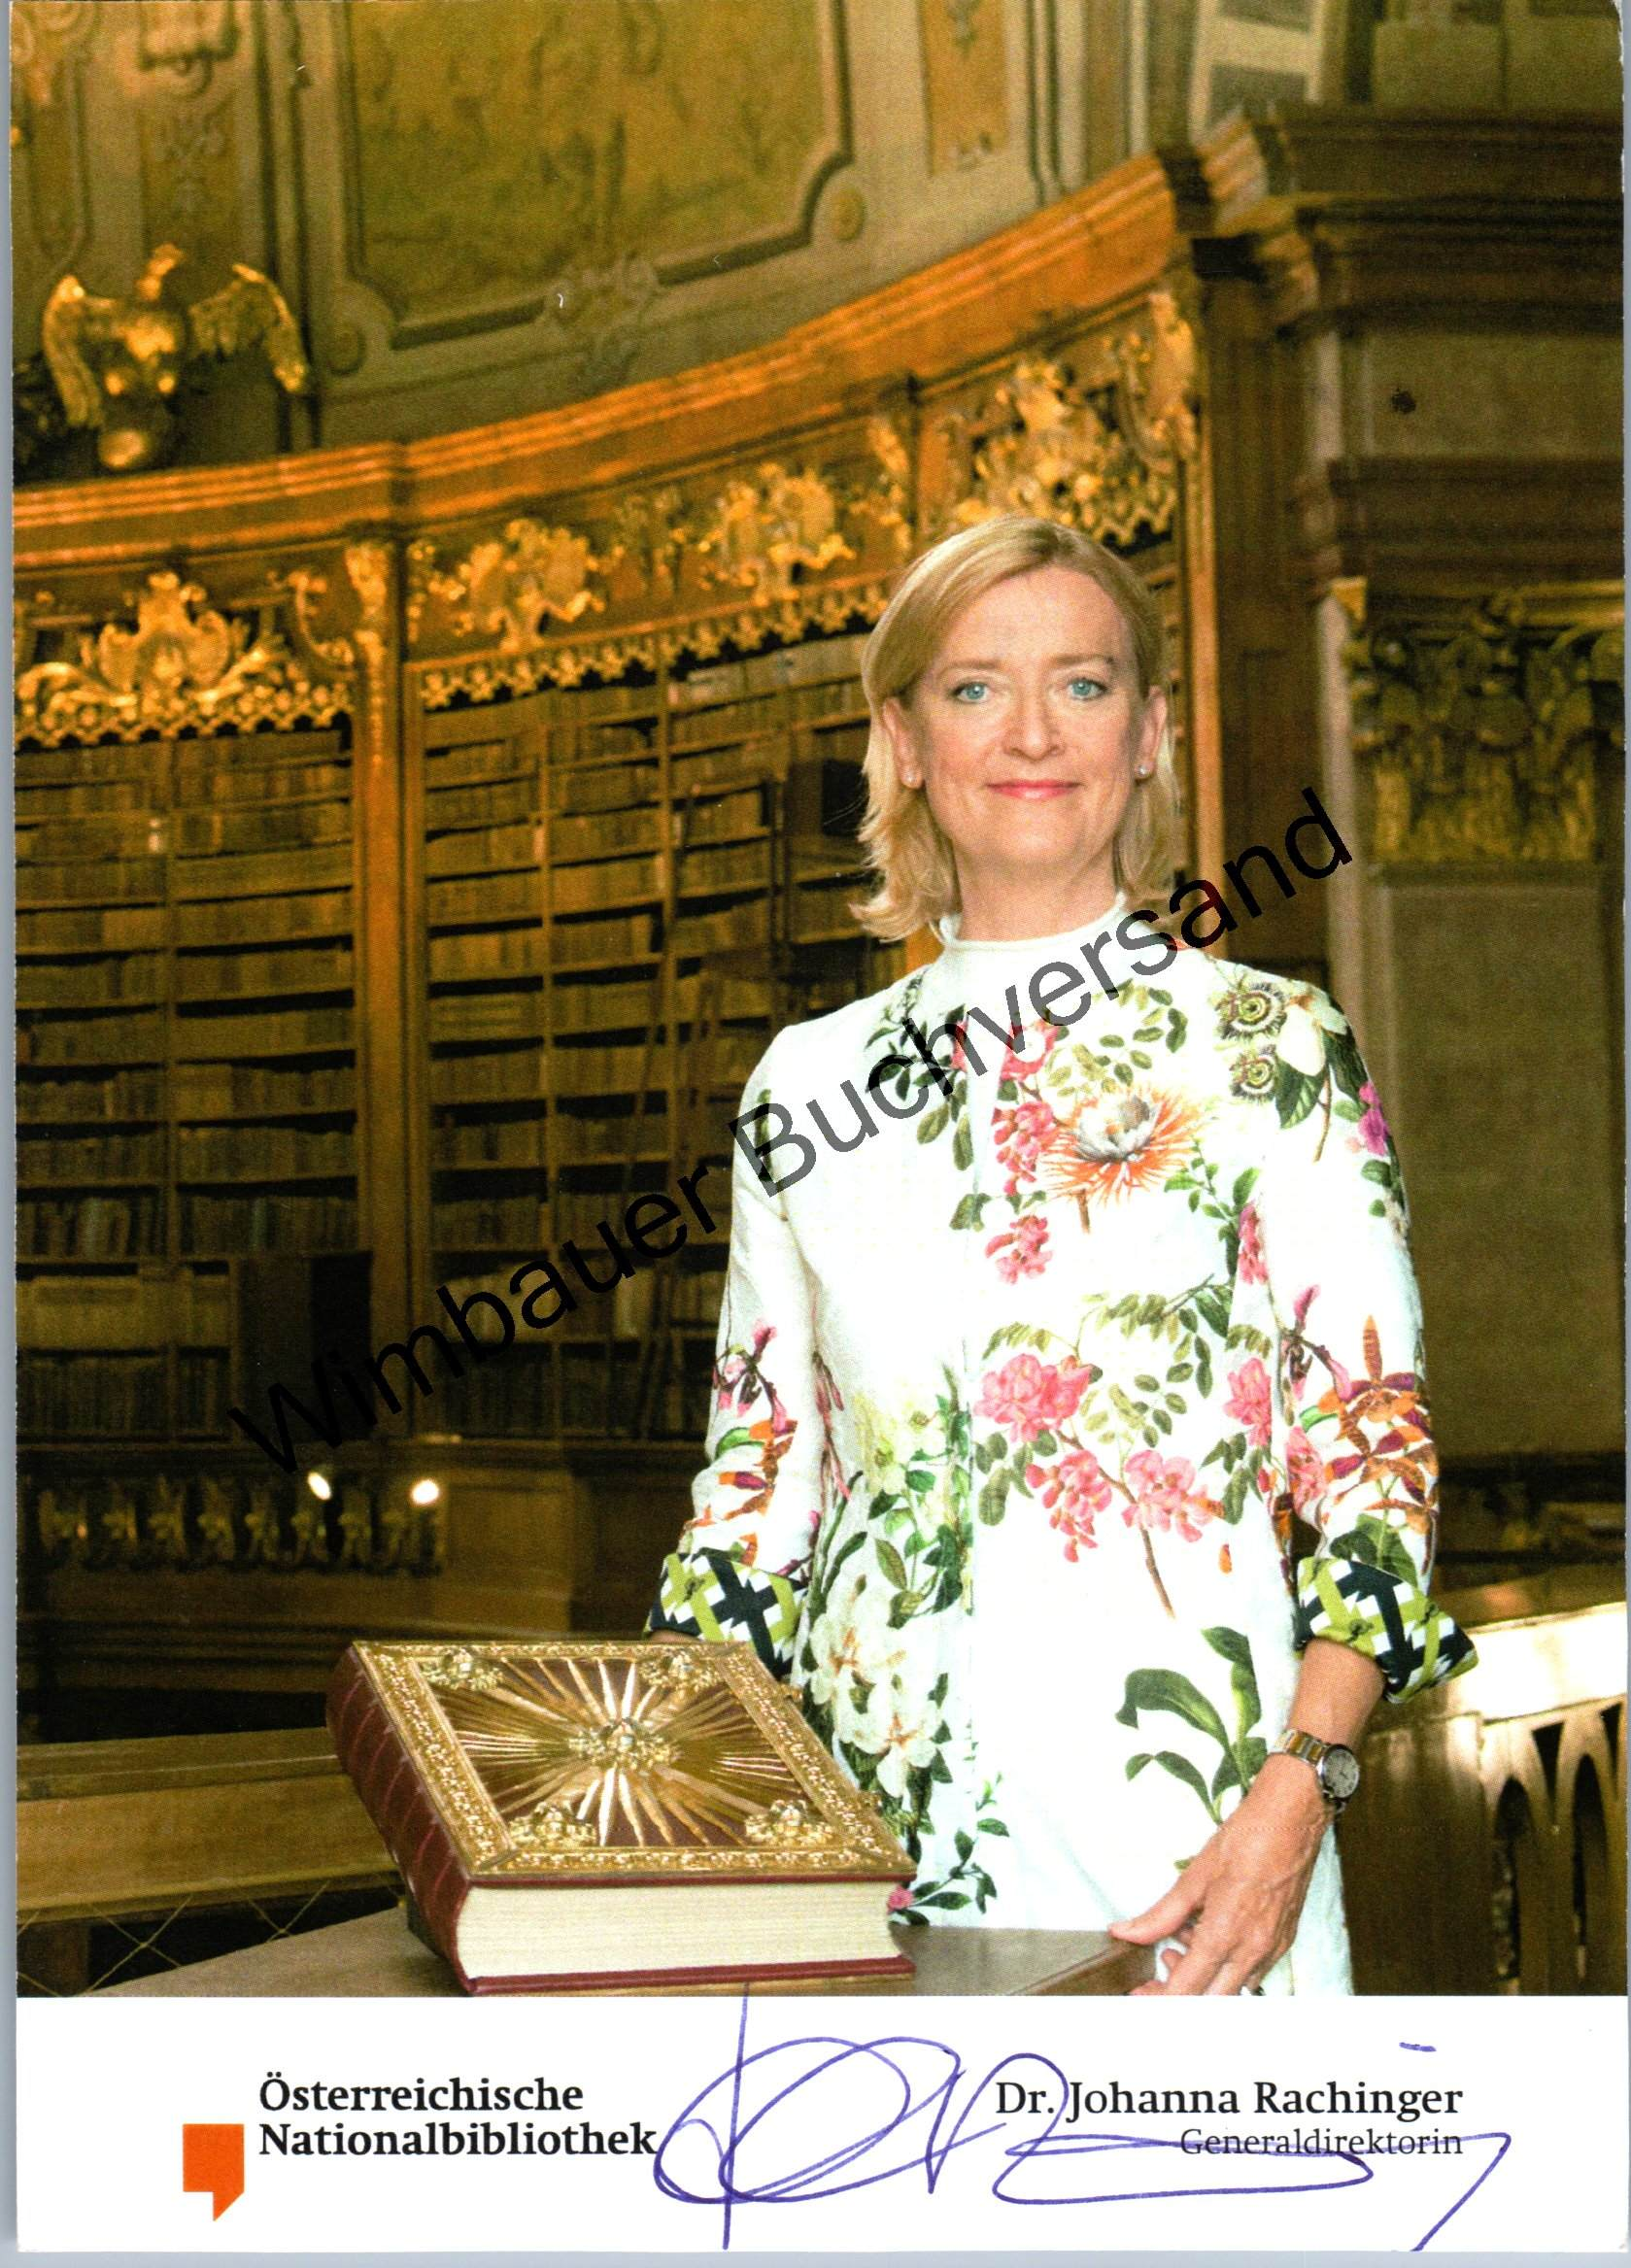 2x Original Autogramm Johanna Rachinger Österreichische Nationalbibliothek /// Autograph signiert signed signee